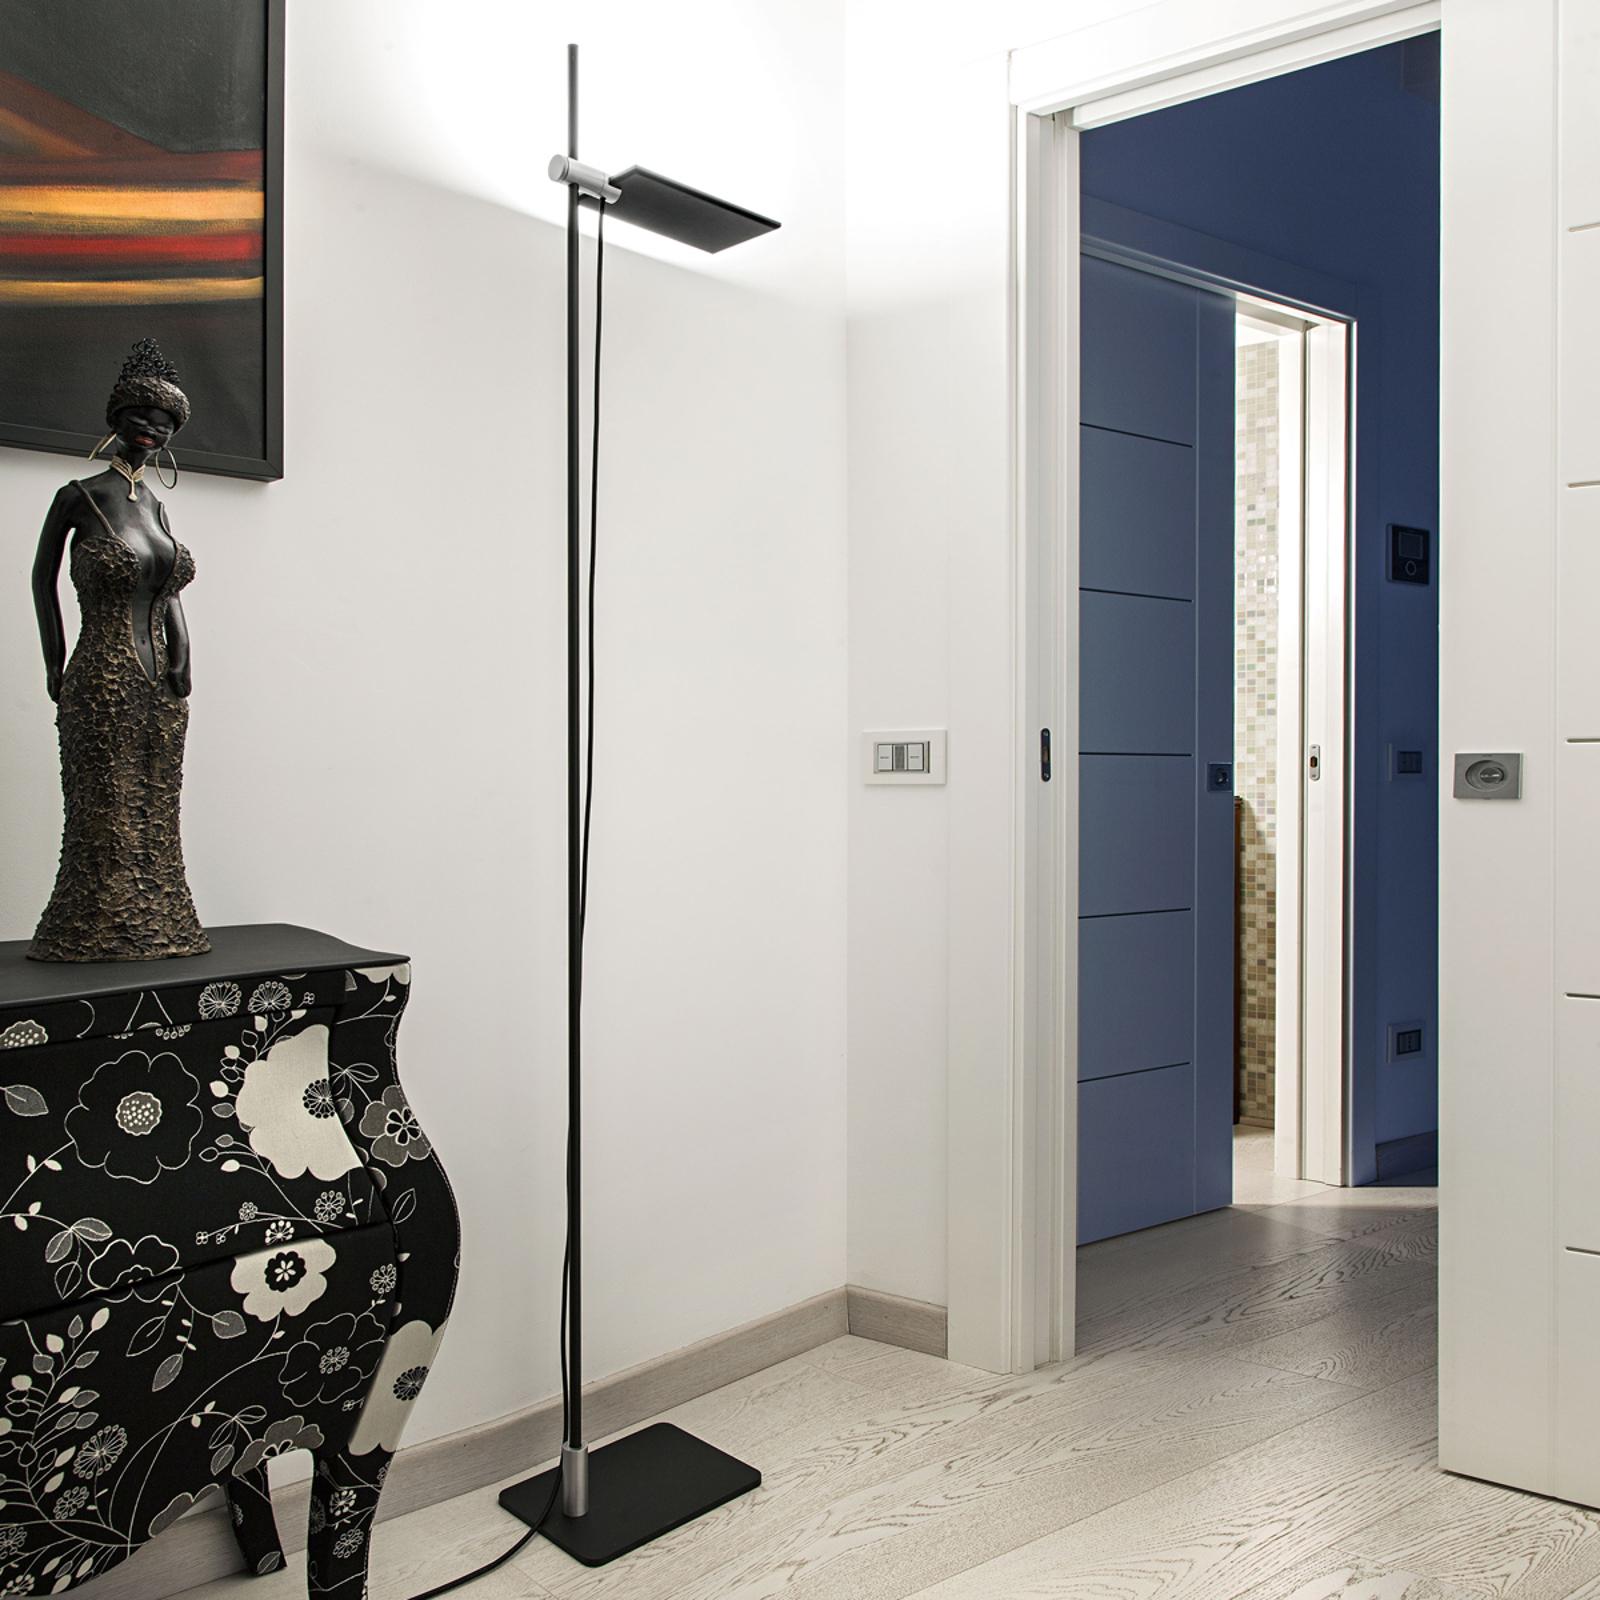 ICONE GiuUp LED-uplight lampe, kan dæmpes, sort